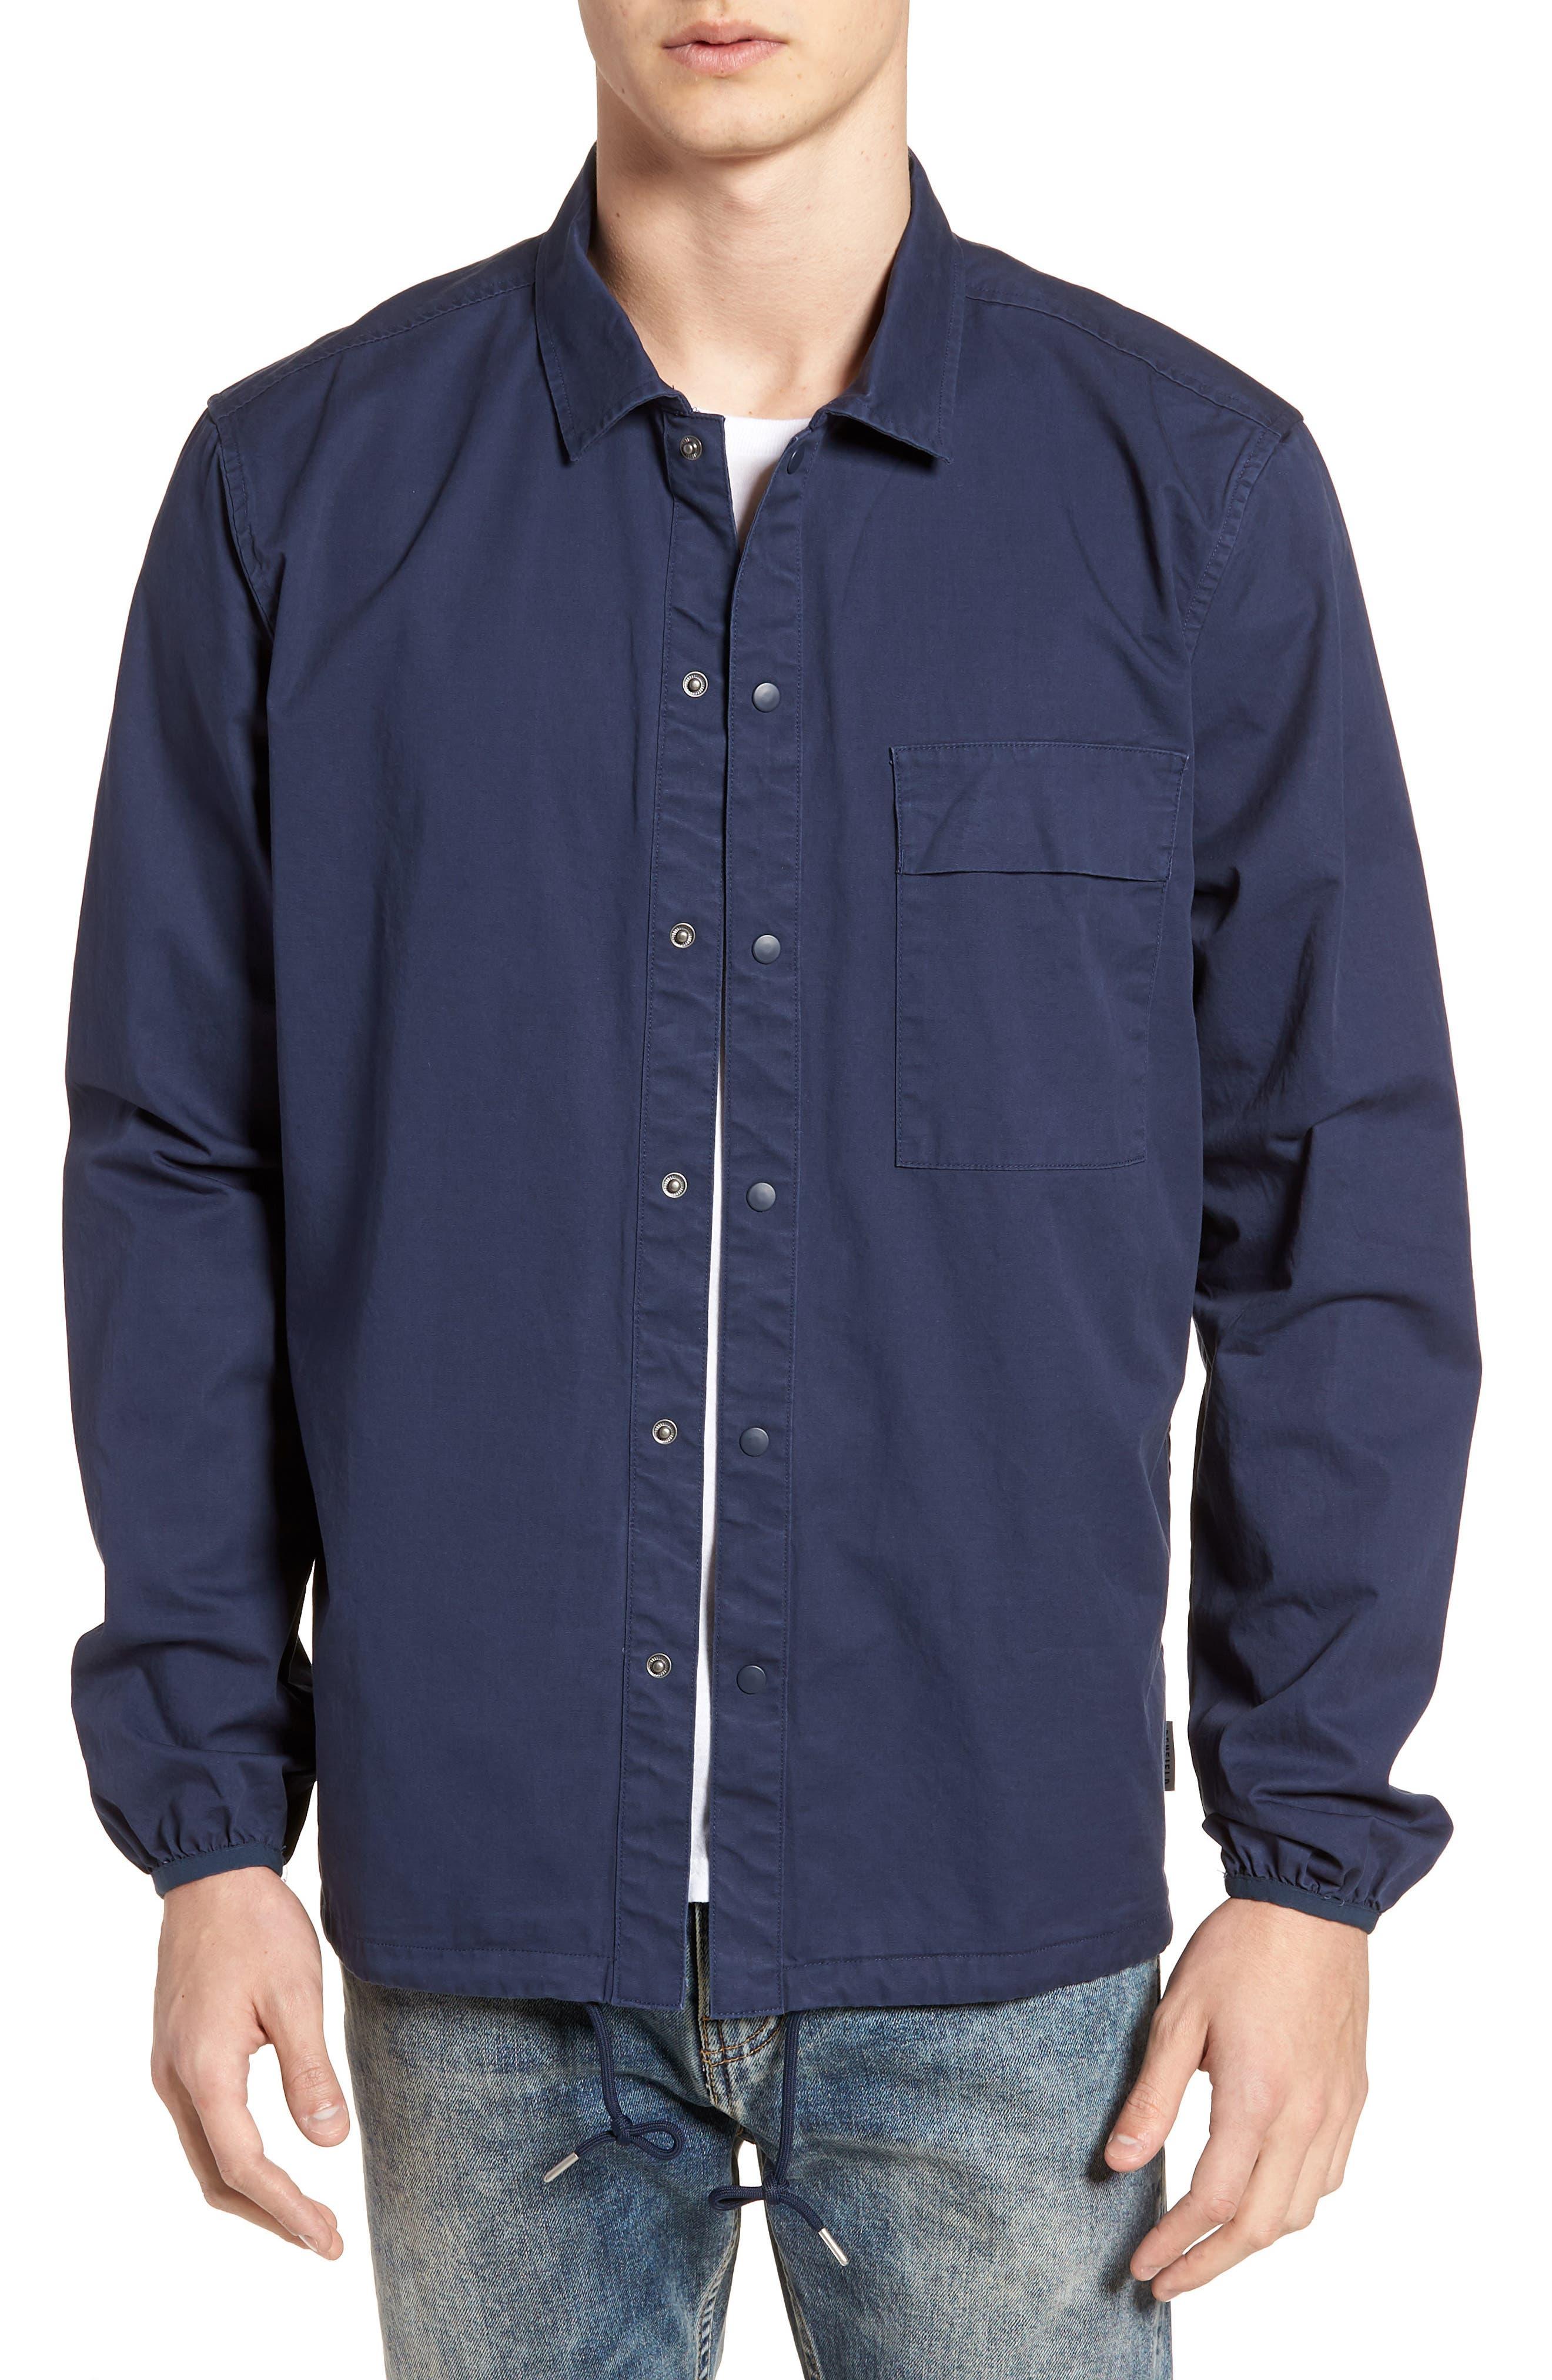 Blackstone Shirt Jacket,                         Main,                         color, 400